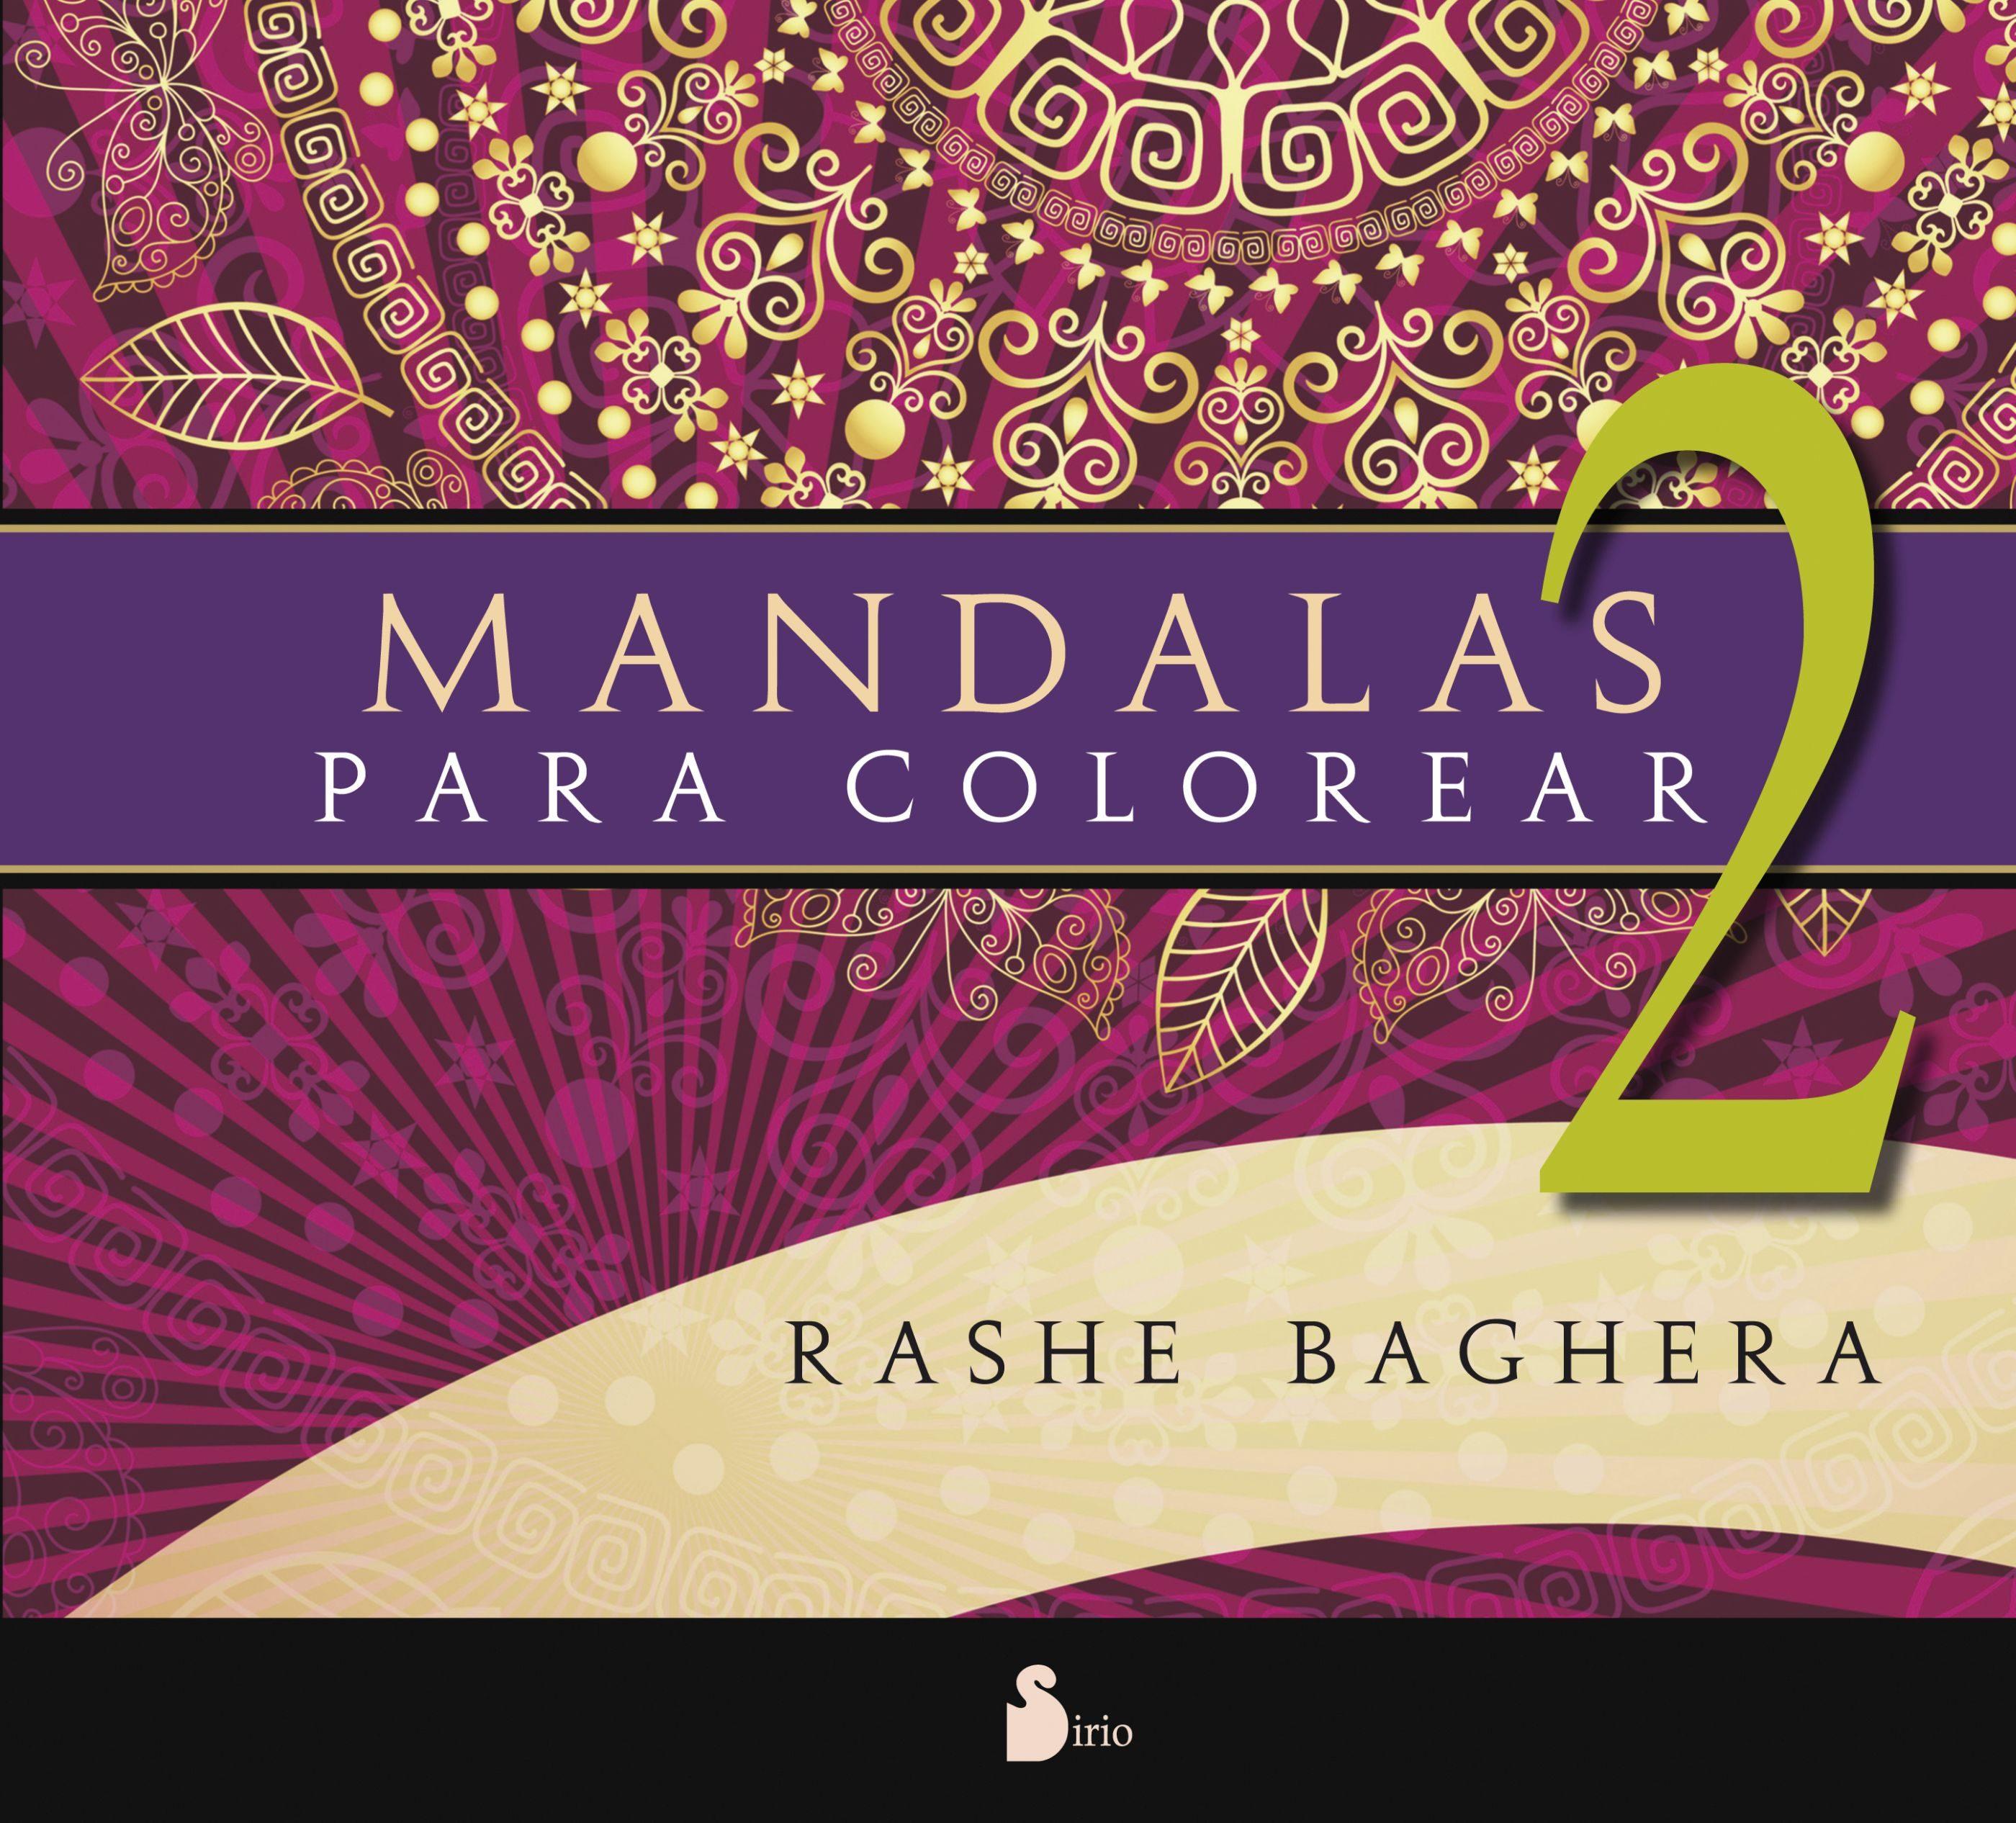 MANDALAS PARA COLOREAR 2 | RASHE BAGHERA | Comprar libro 9788478089772